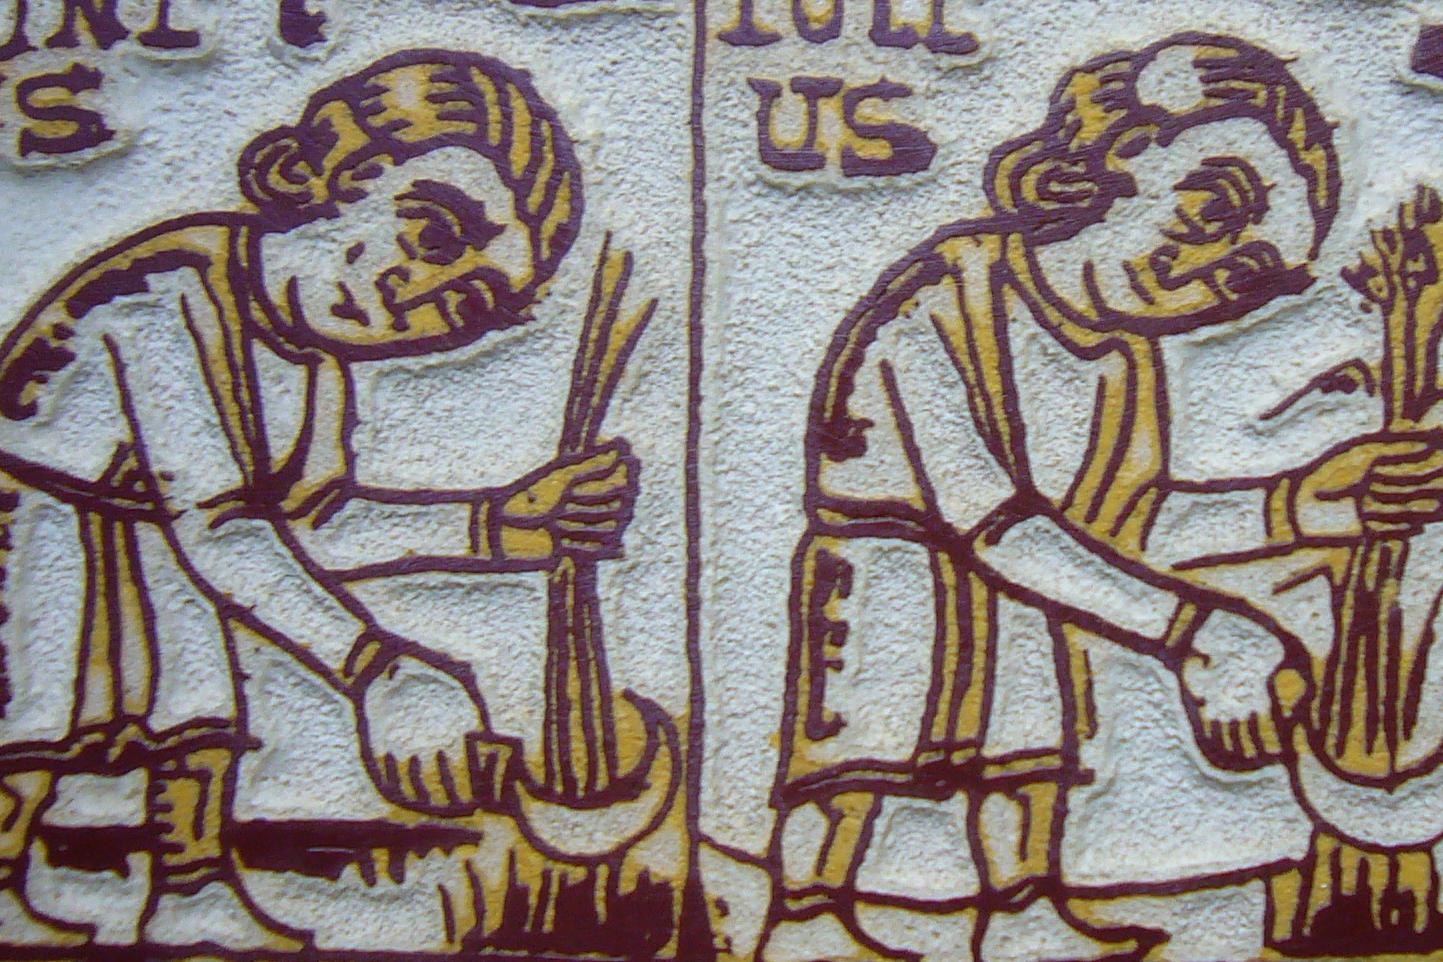 Grabado medieval de campesinos. / US